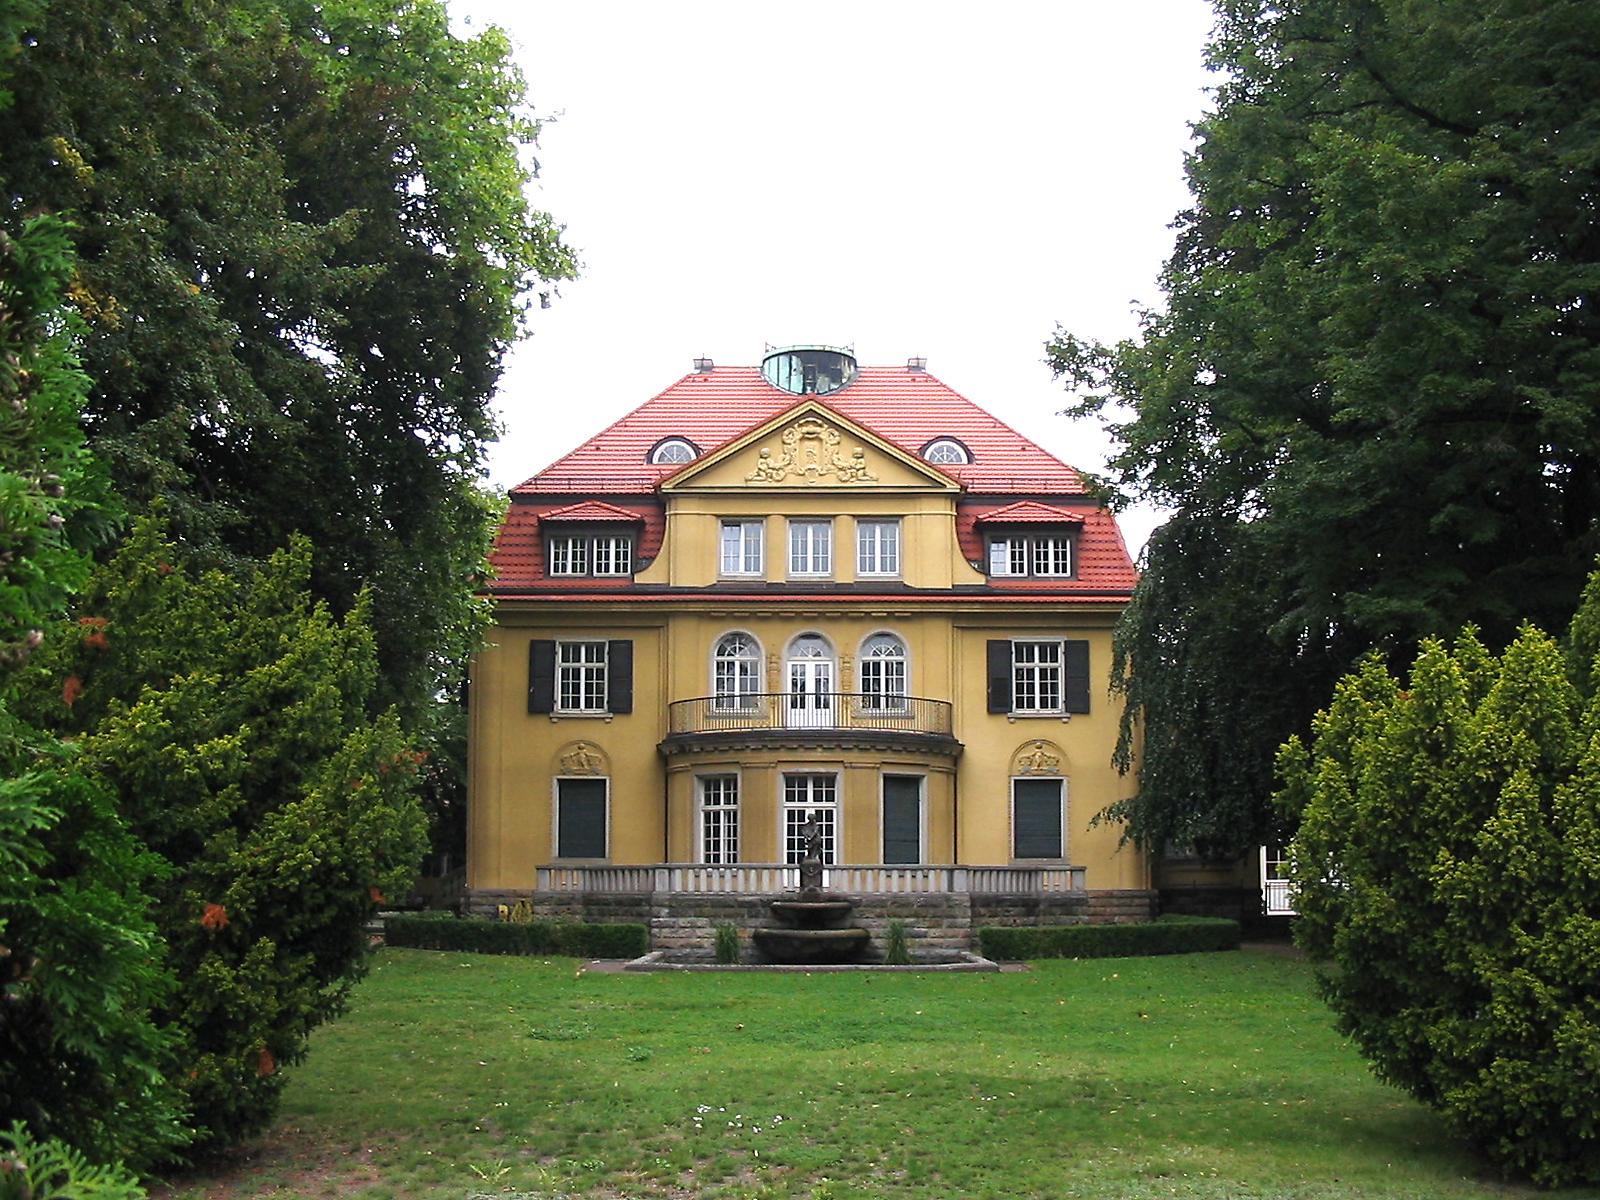 Liste der werke der landschafts und gartengestaltung in for Gartengestaltung villa